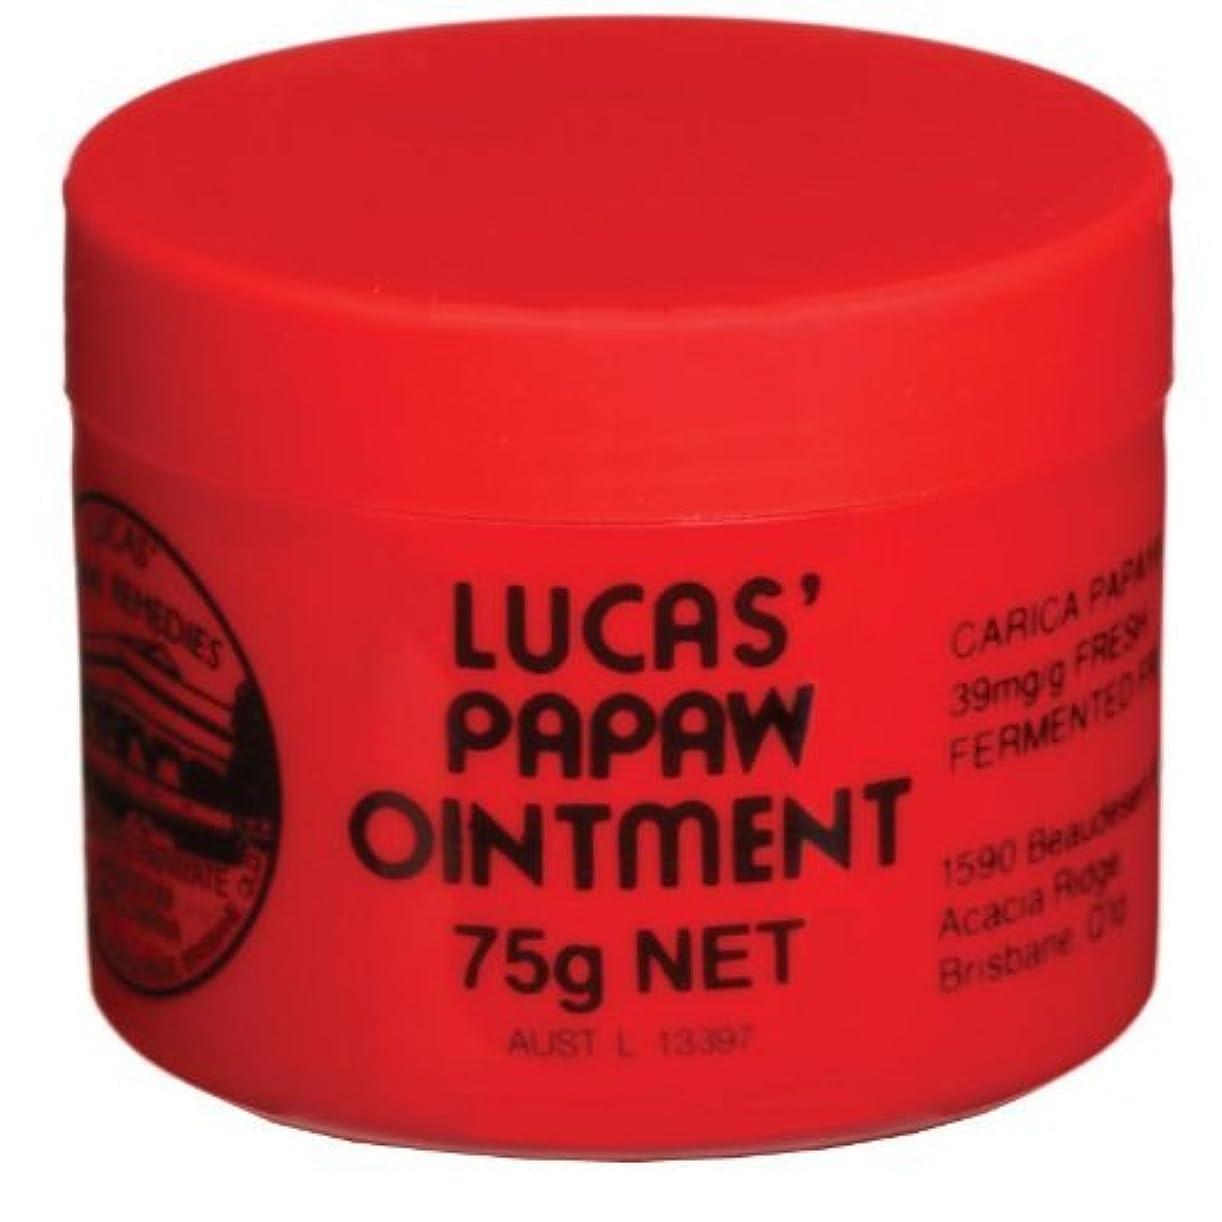 周術期サイバースペースパブ[Lucas' Papaw Ointment] ルーカスポーポークリーム 75g